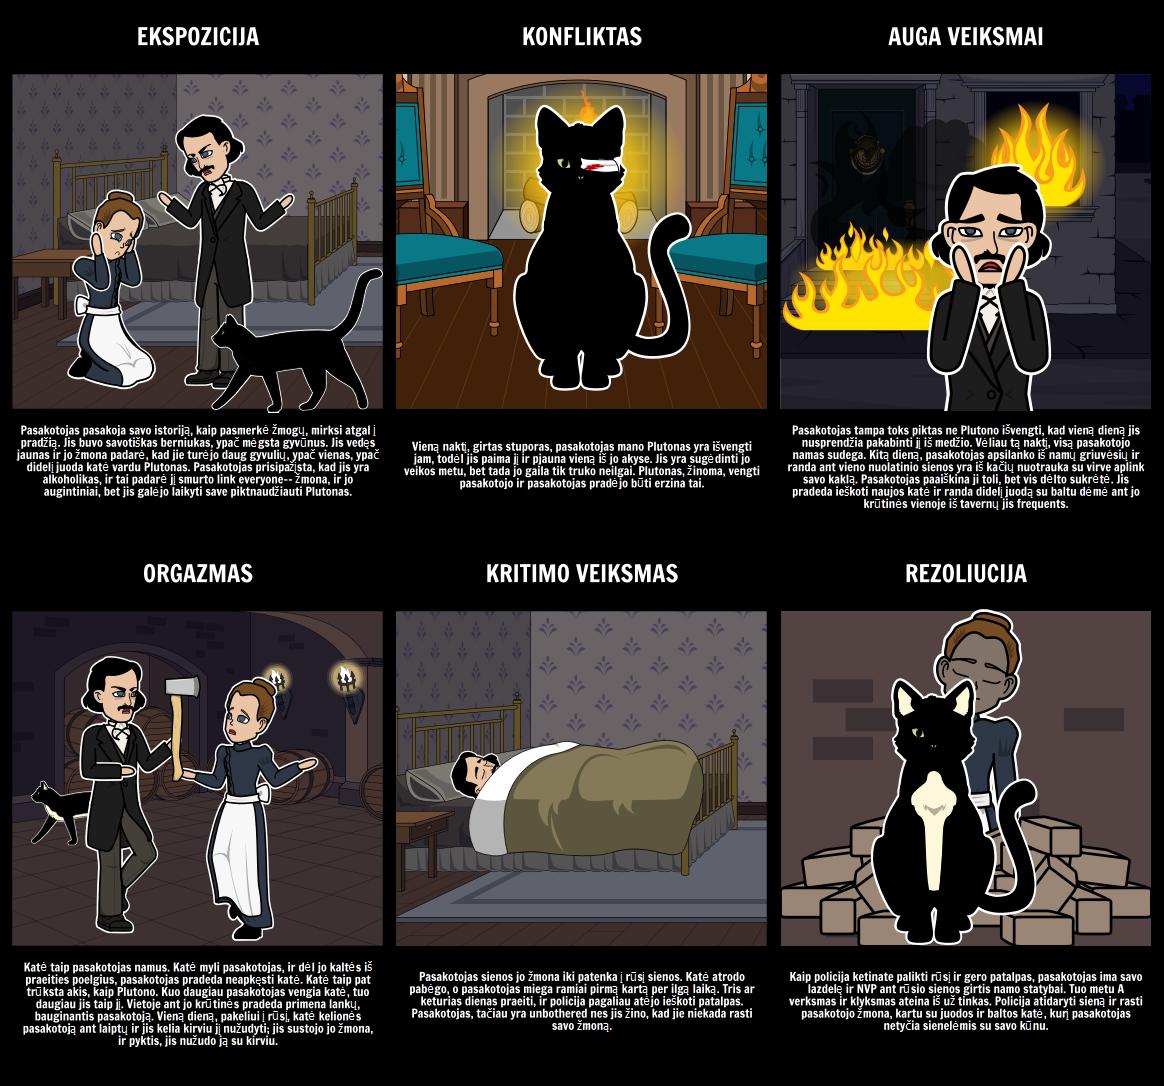 Sklypas Diagramą The Black Cat